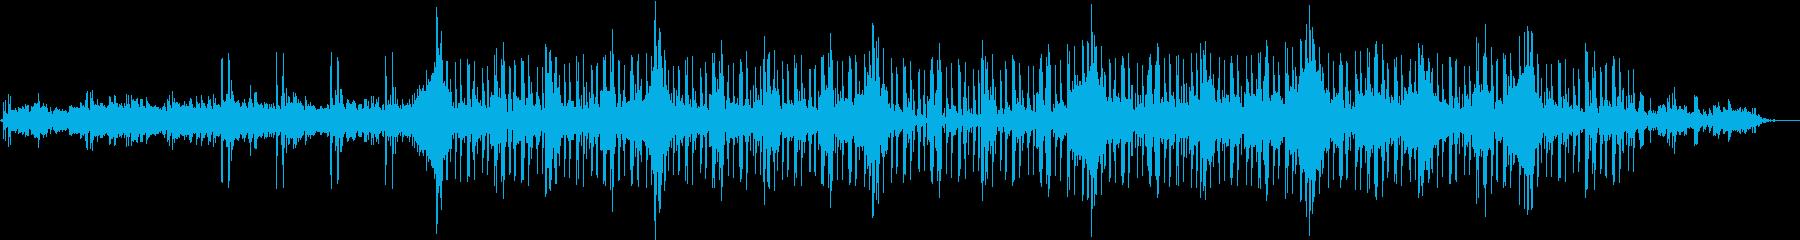 クールで神秘的なエレクトロミュージックの再生済みの波形